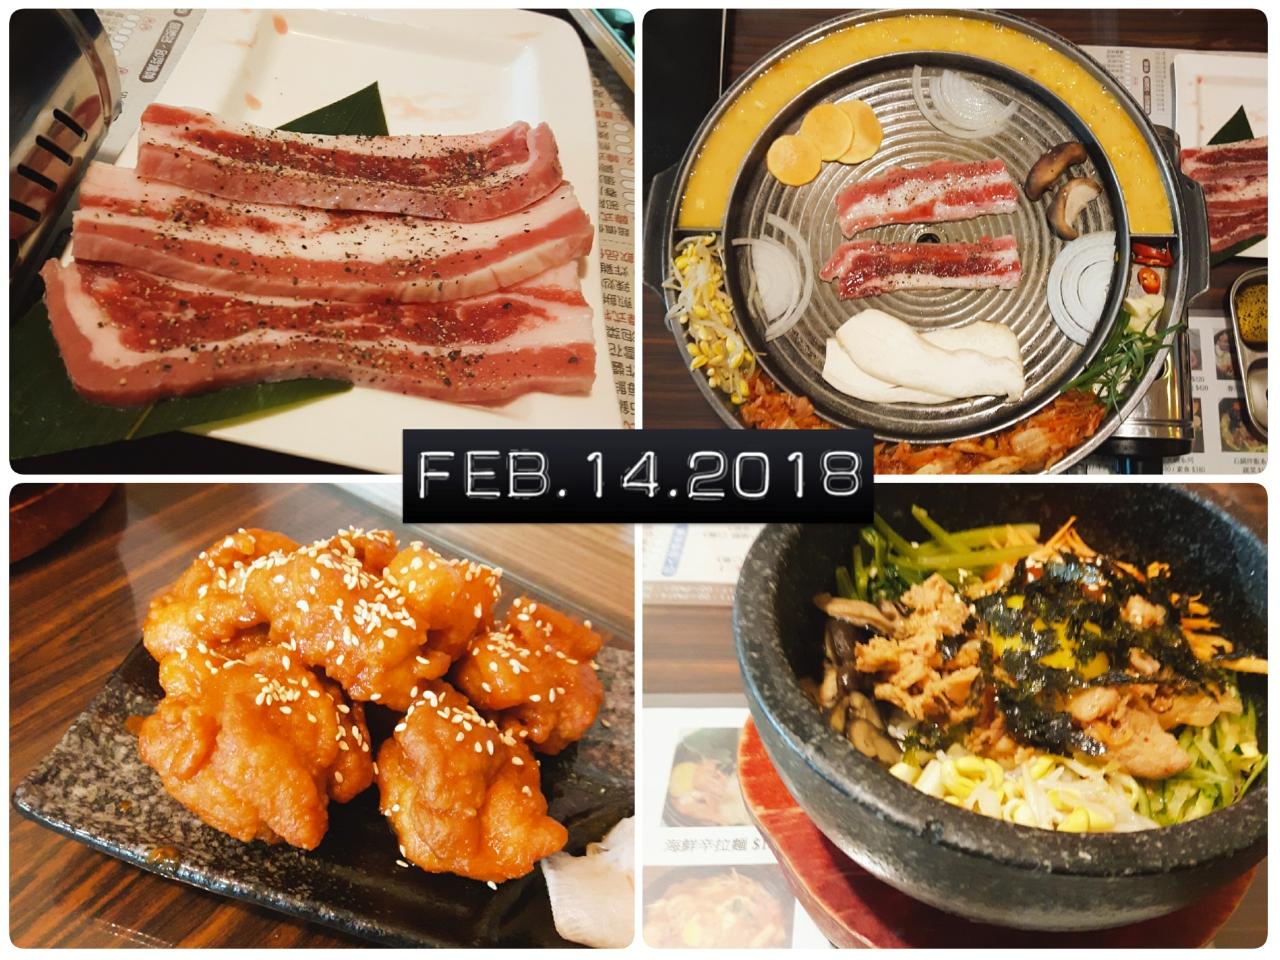 [韓式料理食記 - 瑪西達好吃嗎?]